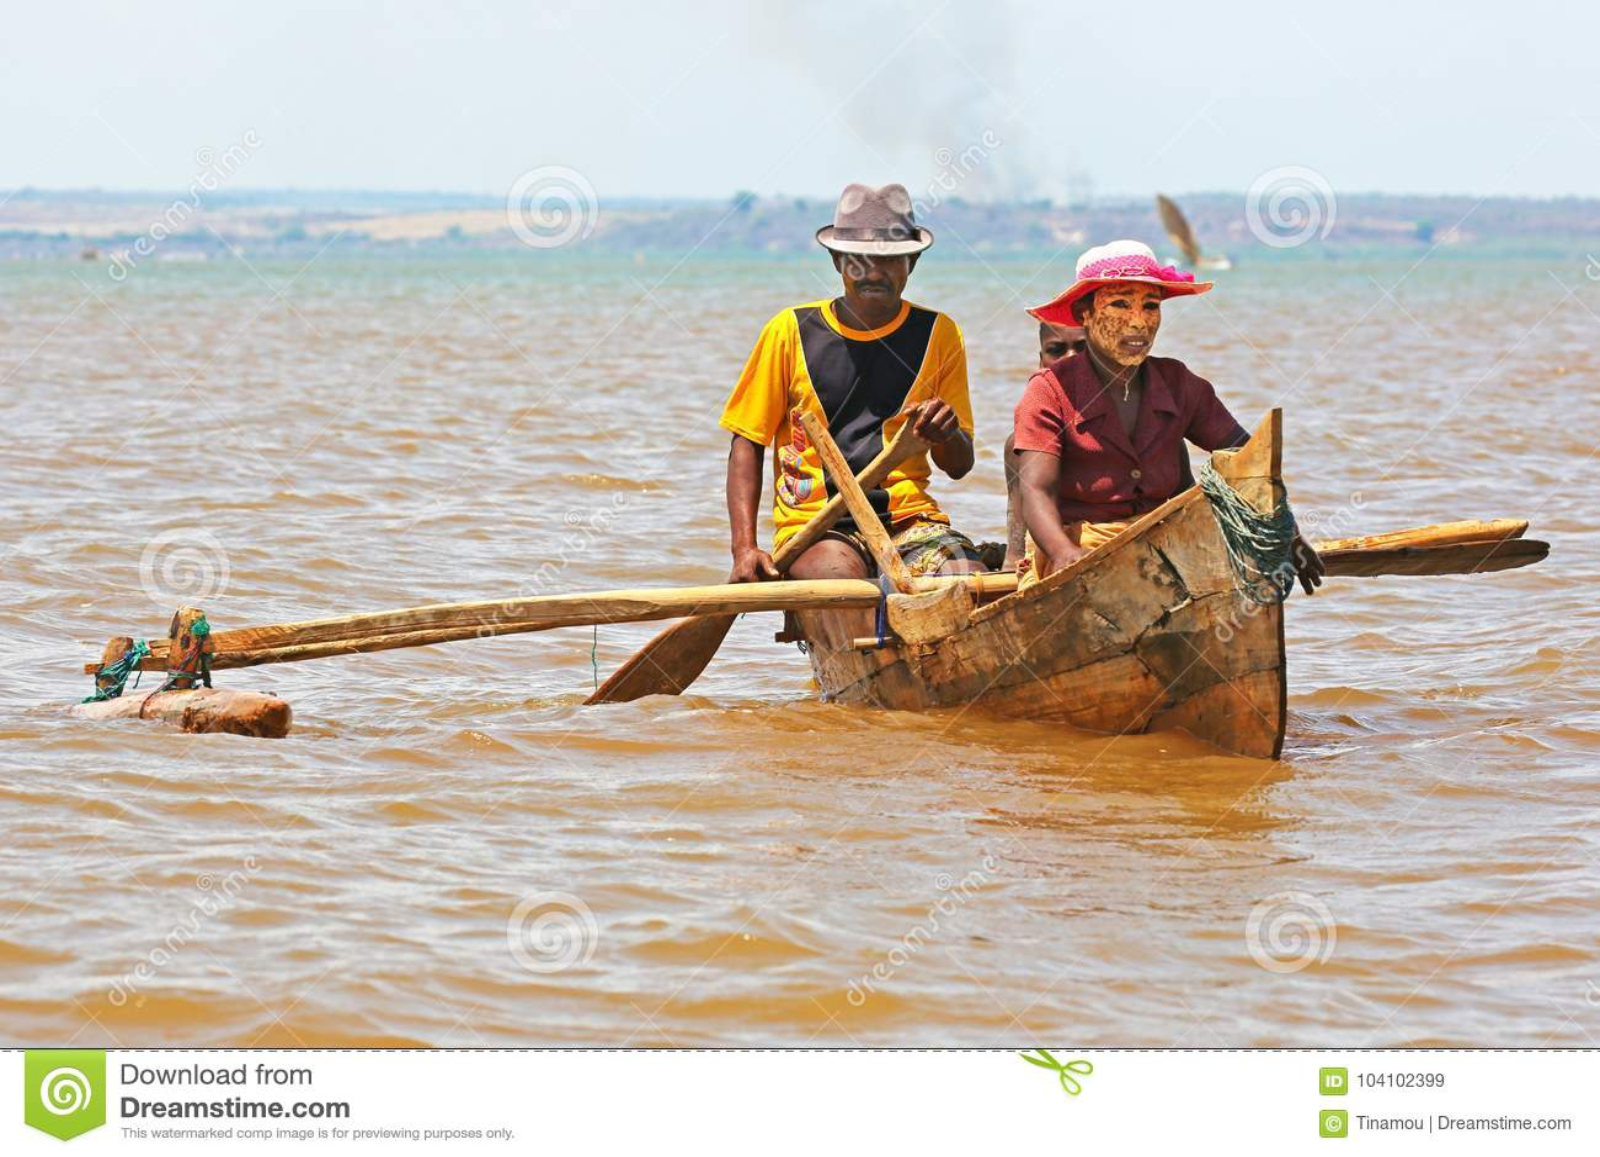 Famille malgache dans un petit bateau à rames